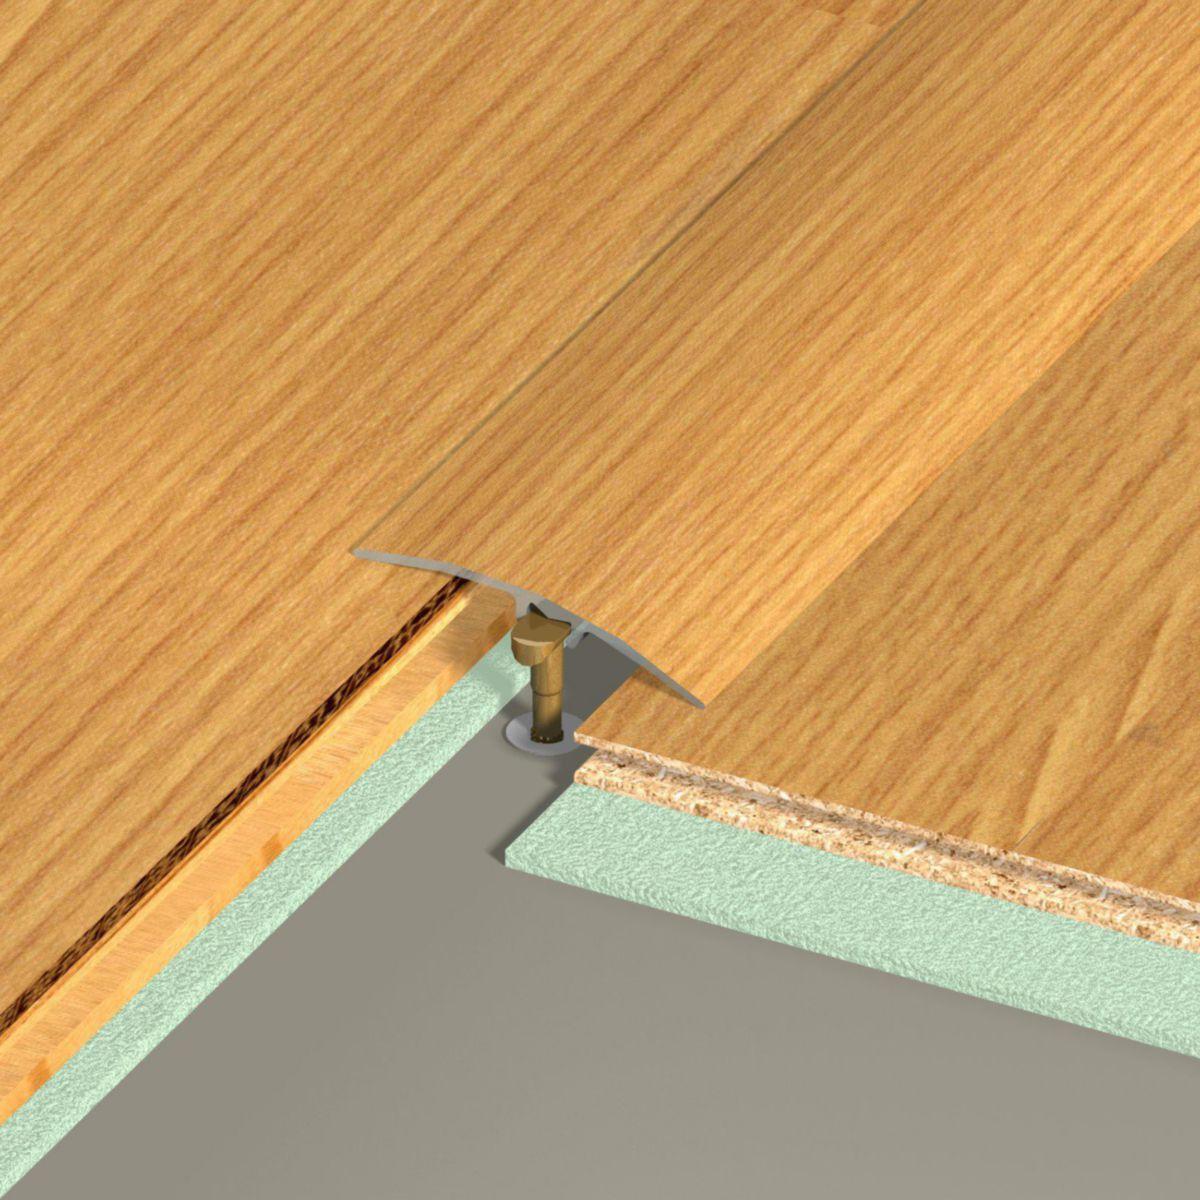 Seuil De Porte Différence De Niveau barre de seuil de porte multi-niveaux harmony aluminium plaxé teinte chêne  41x2700 mm